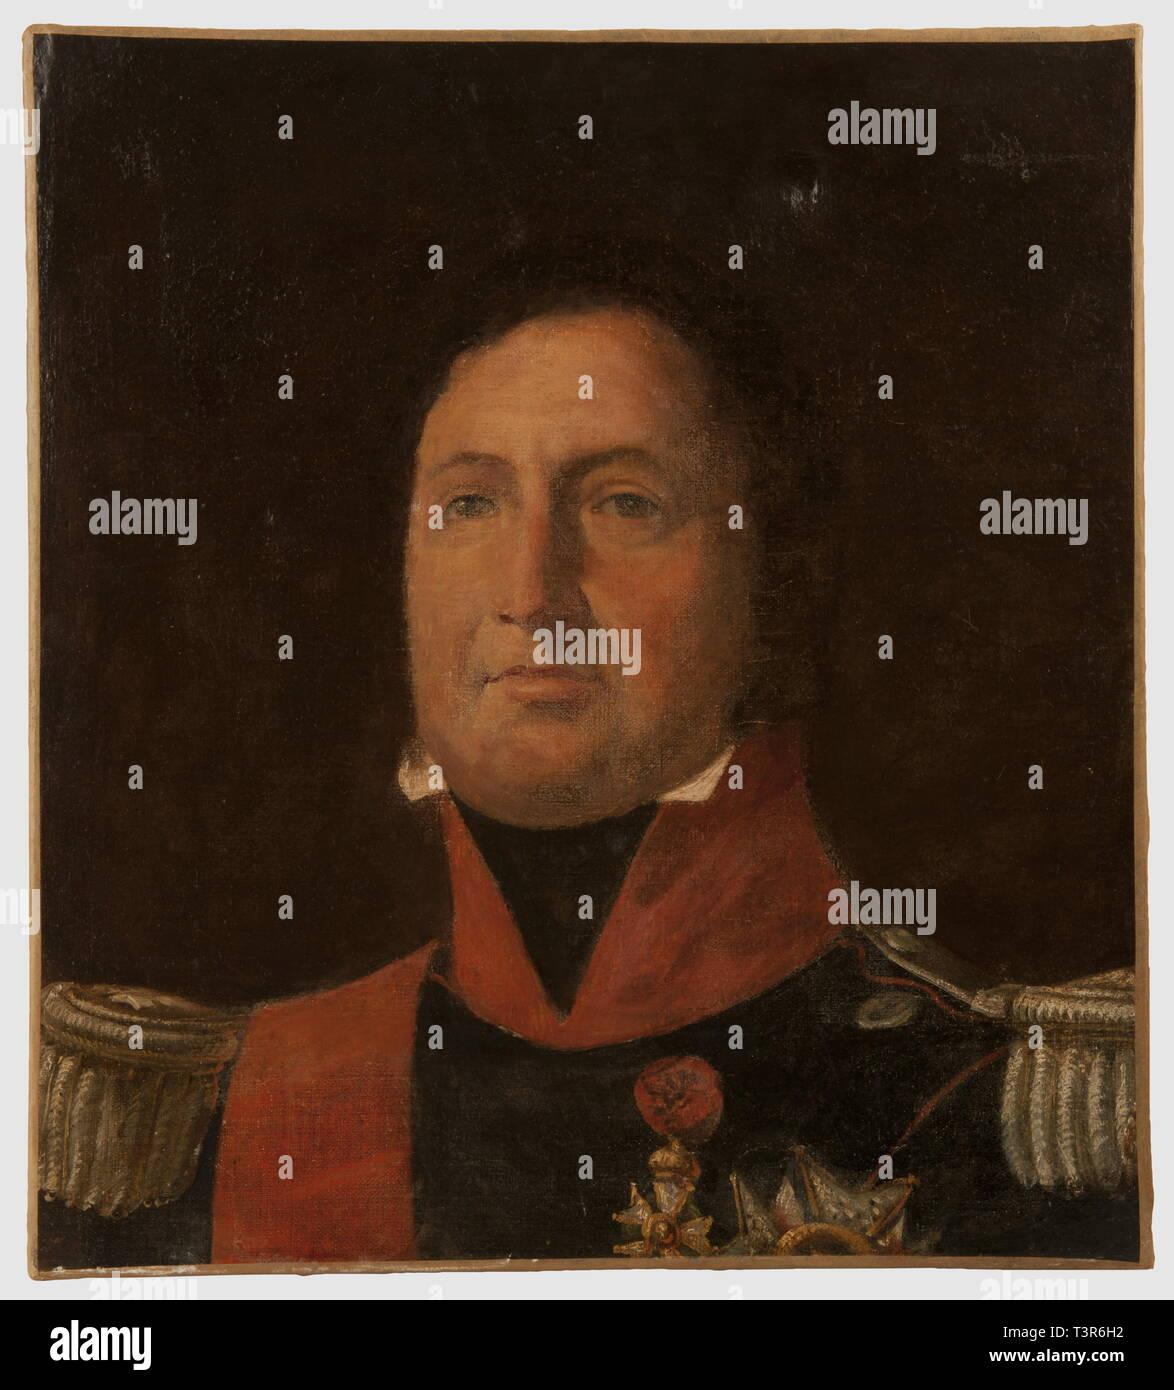 PREMIERE ET RESTAURATION 1815-1848 SECONDE, Esquisse représentant le Roi Louis-Philippe 1er, portant l'nivelado d'officier supérieur de la Garde Nationale, huile sur toile. Le Roi porte onu hábito à fond de drap bleu, Collar et passepoil écarlates, boutons, épaulettes argentés d'officier général en fil d'argent. Le Roi est décoré du Grand Cordon de la Légion d'Honneur, de la Croix et de la Grand-Croix de l'Ordre. Largeur Hauteur 49 cm, 45 cm. Ensemble en bon état, Léger enfoncement sur la partie supérieure de la toile, cuadros, Additional-Rights présenté sans-Clearance-Info-Not-Available Imagen De Stock